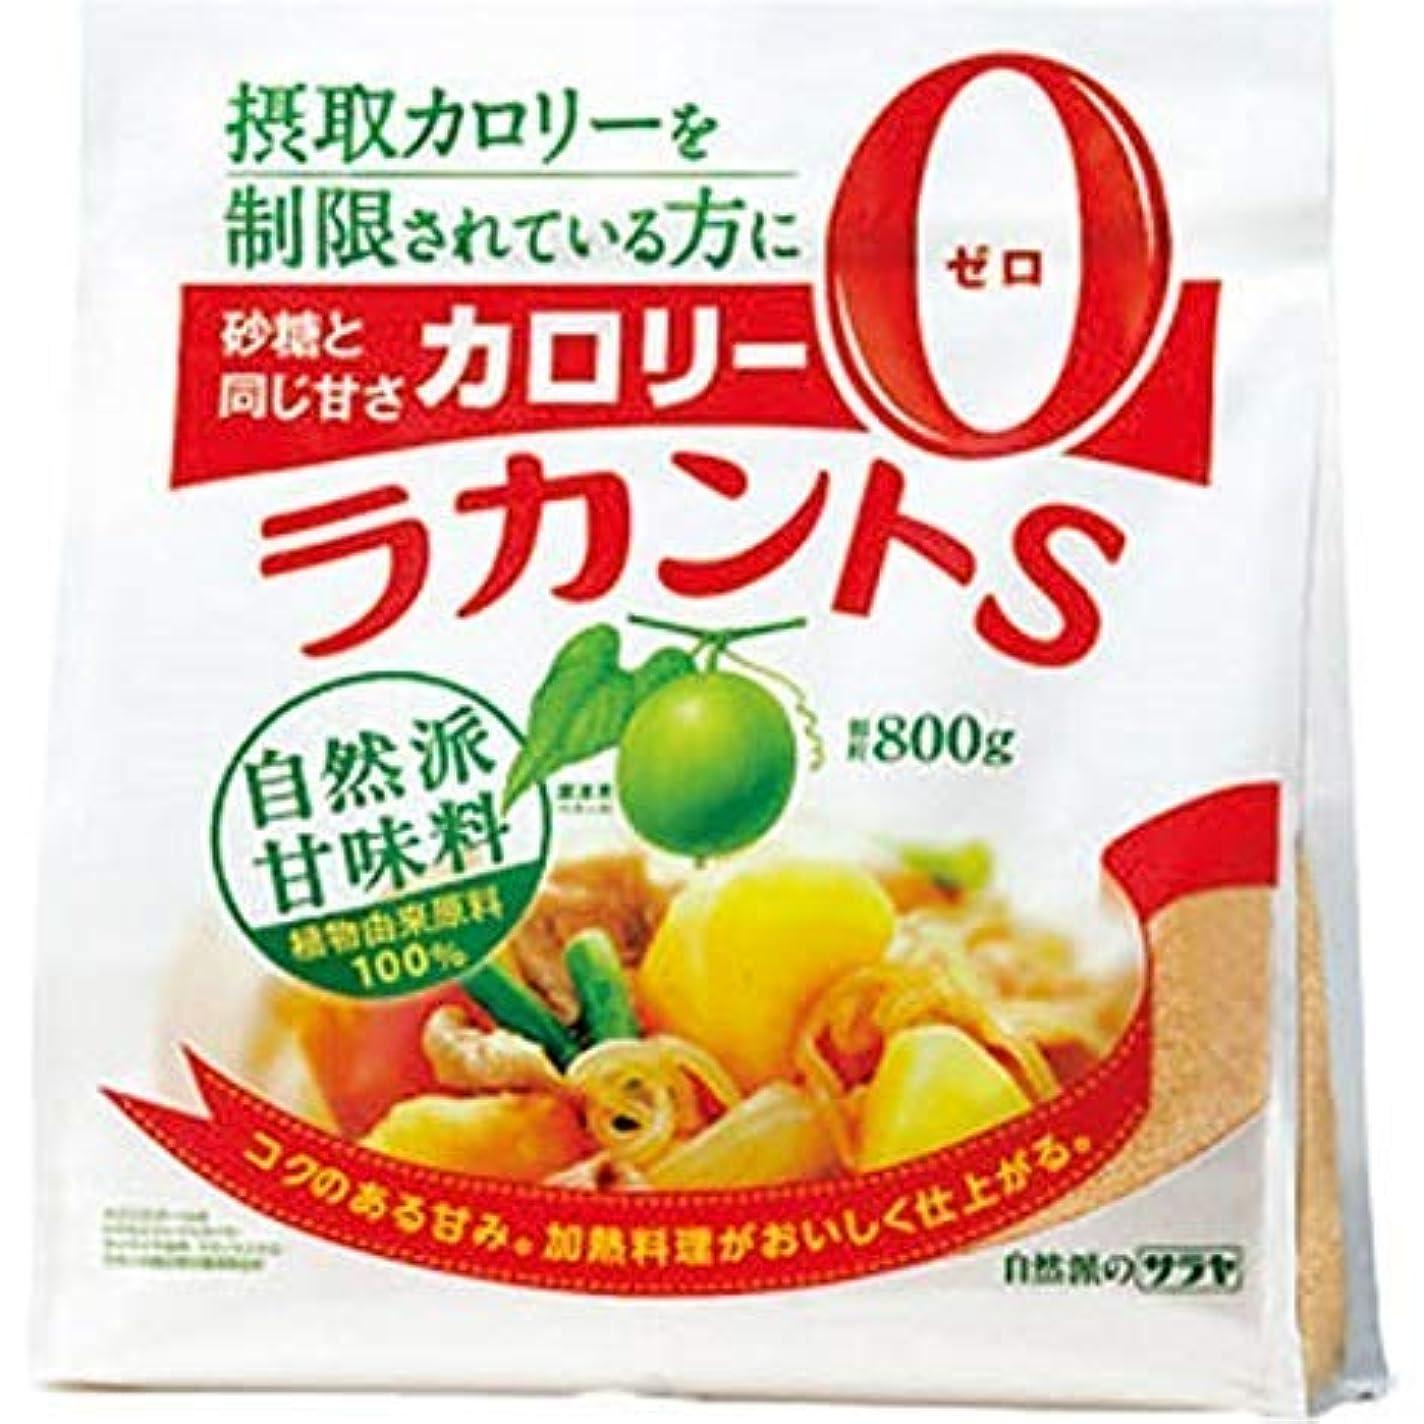 窒素売上高バスラカントS顆粒 800g × 3袋